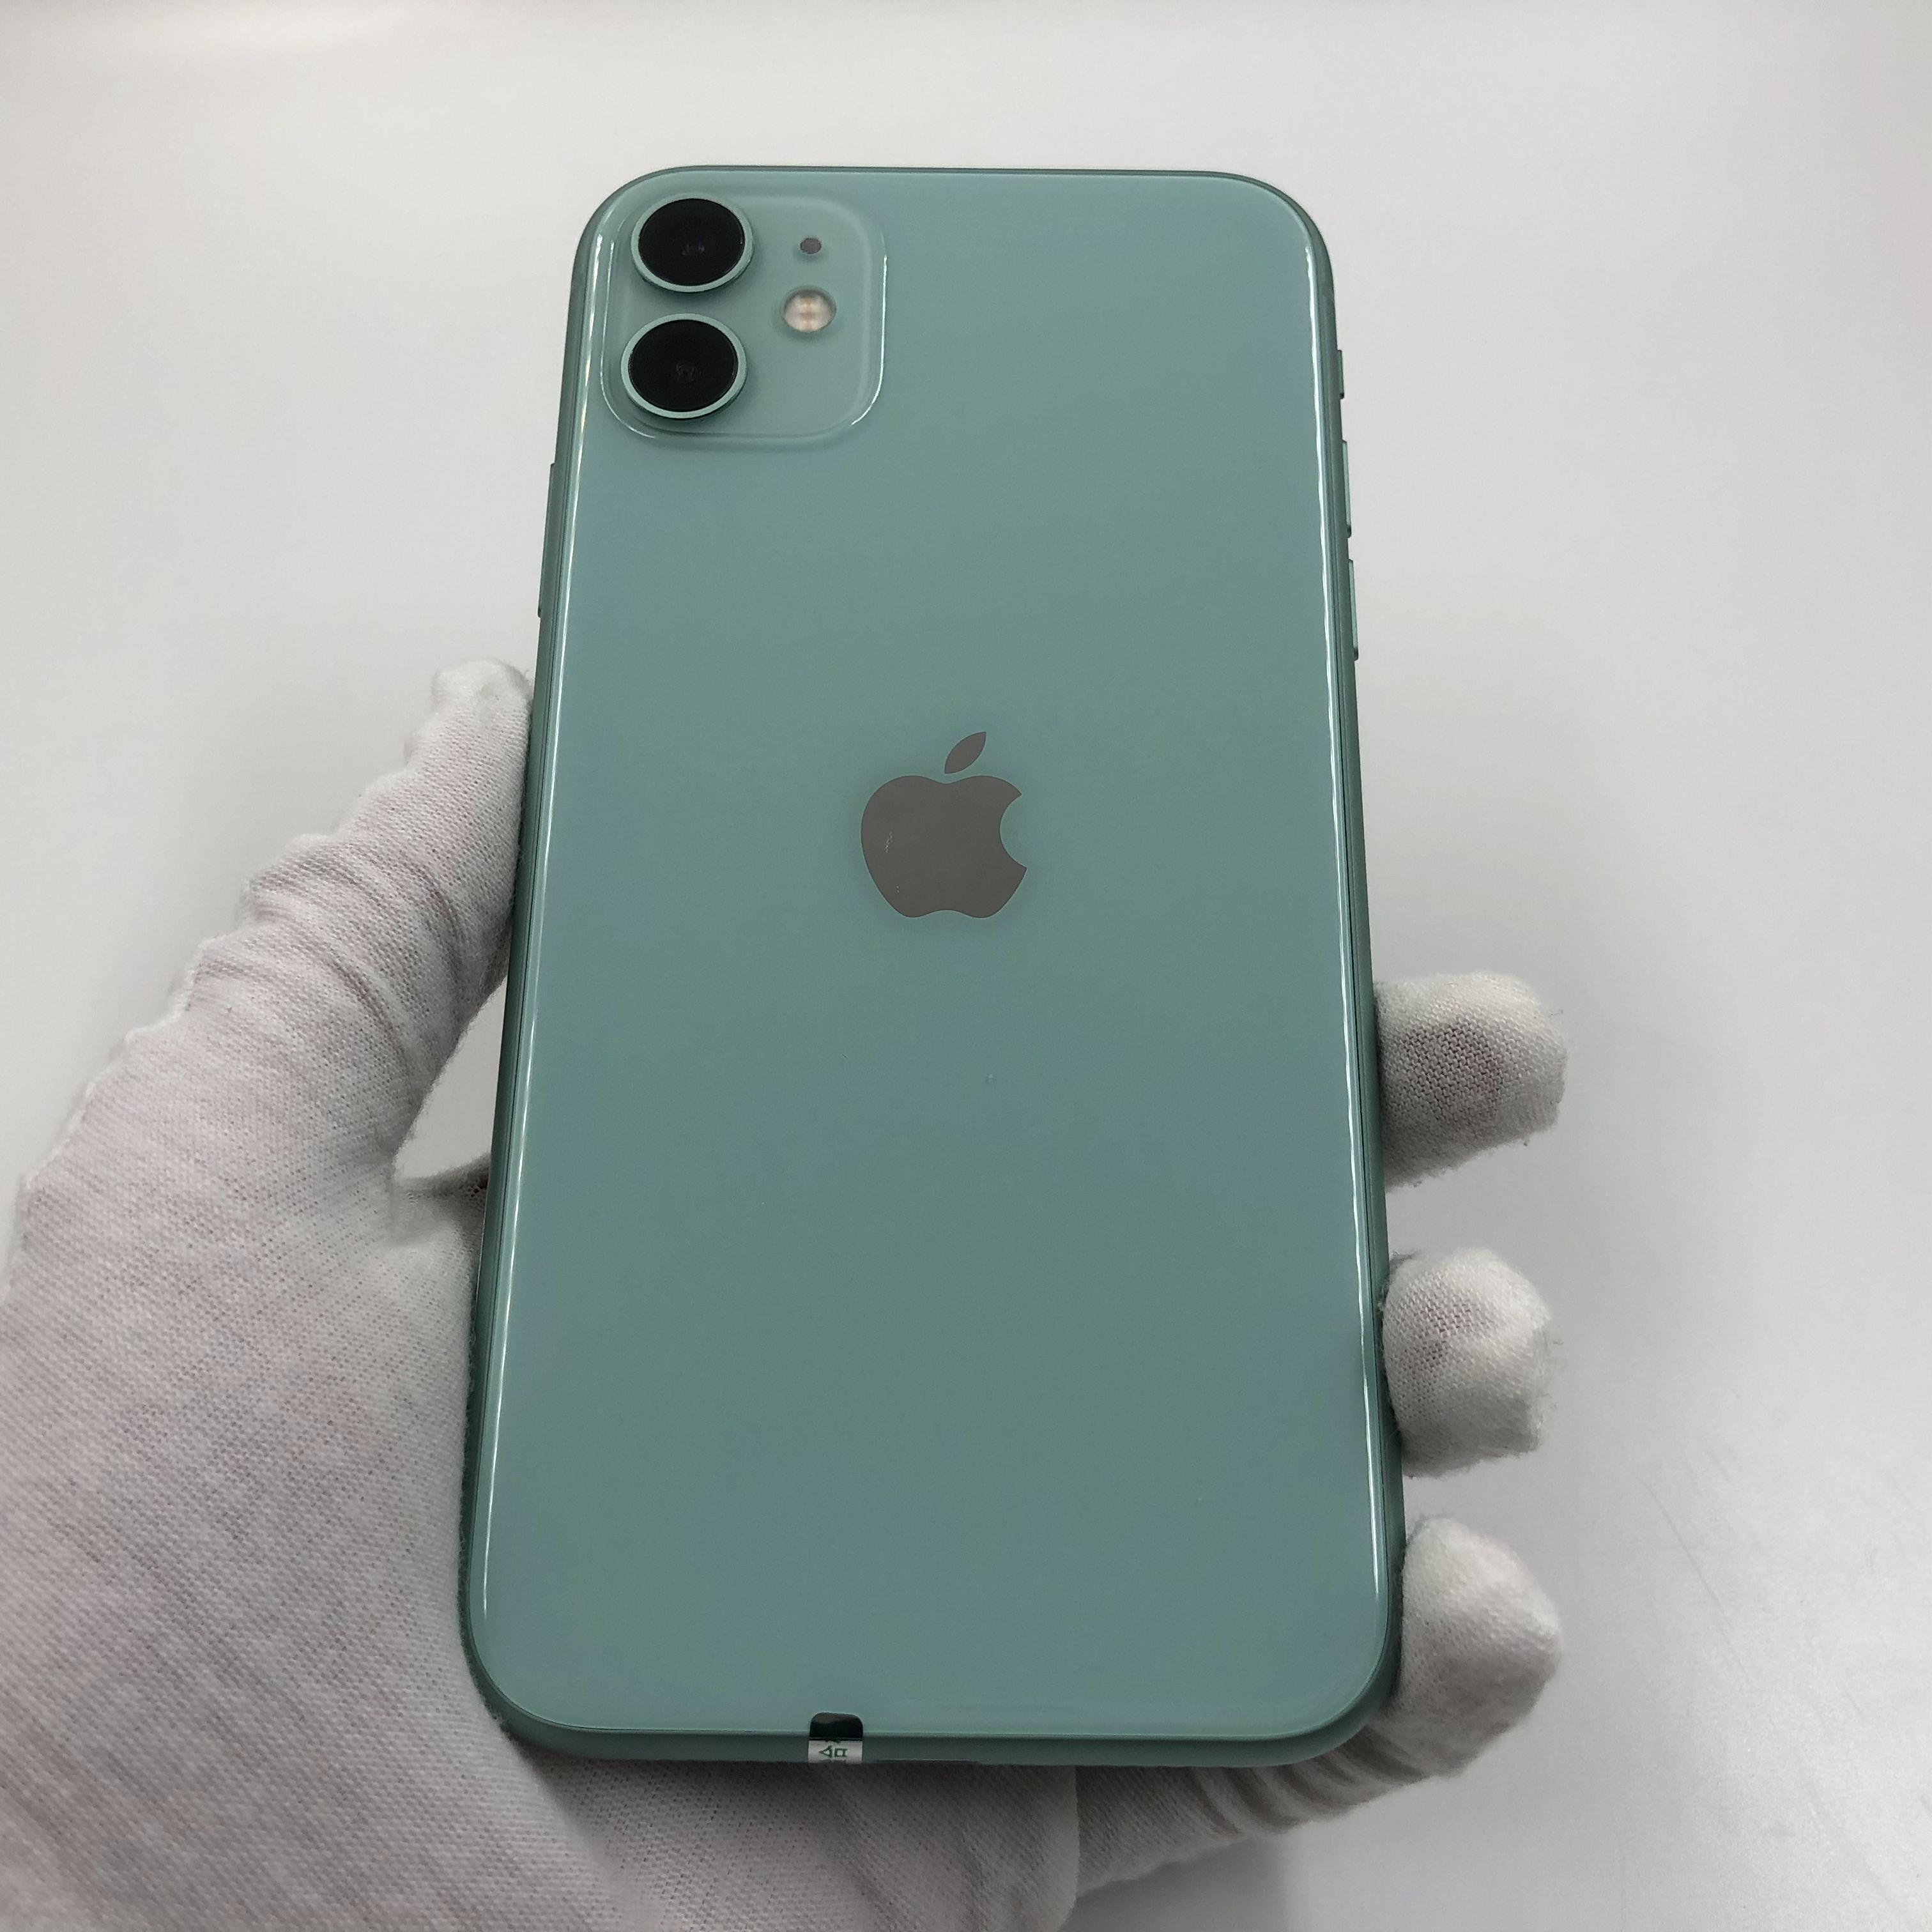 苹果【iPhone 11】4G全网通 绿色 64G 国行 99新 真机实拍